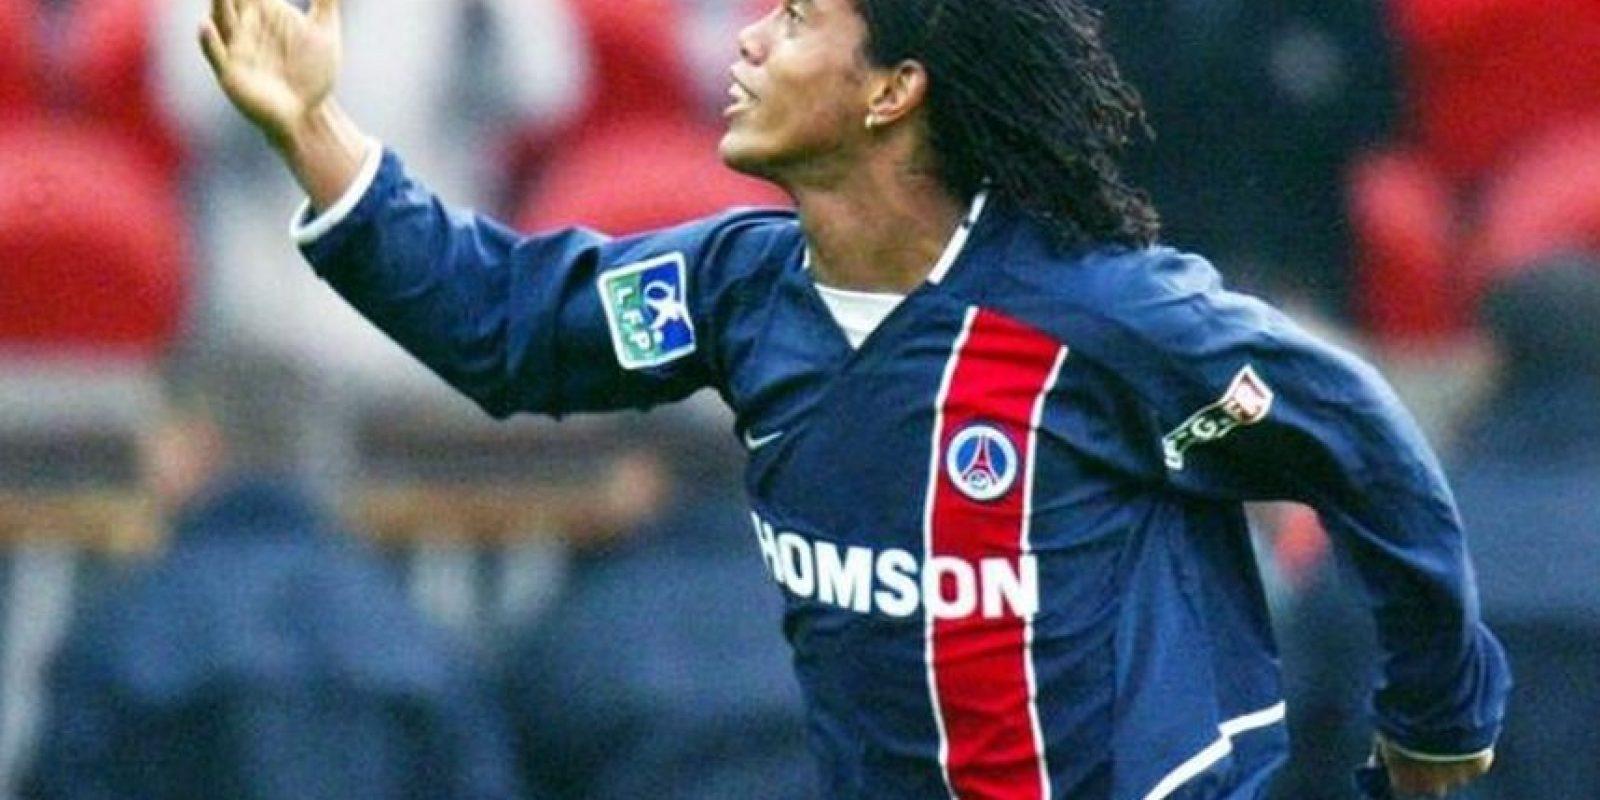 Firmó con el club francés en enero de 2001 y se marchó en el 2003. Foto:Twitter